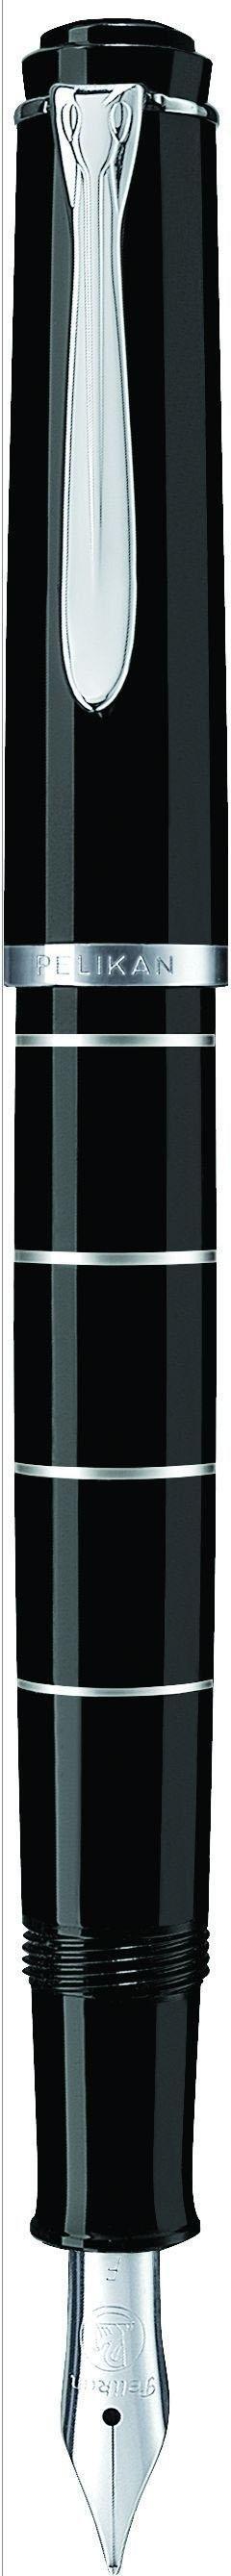 Pelikan vulpen, »Classic M 215, zwart/zilverkleur ringen, edelstalen veer, veerbreedte M« - verschillende betaalmethodes